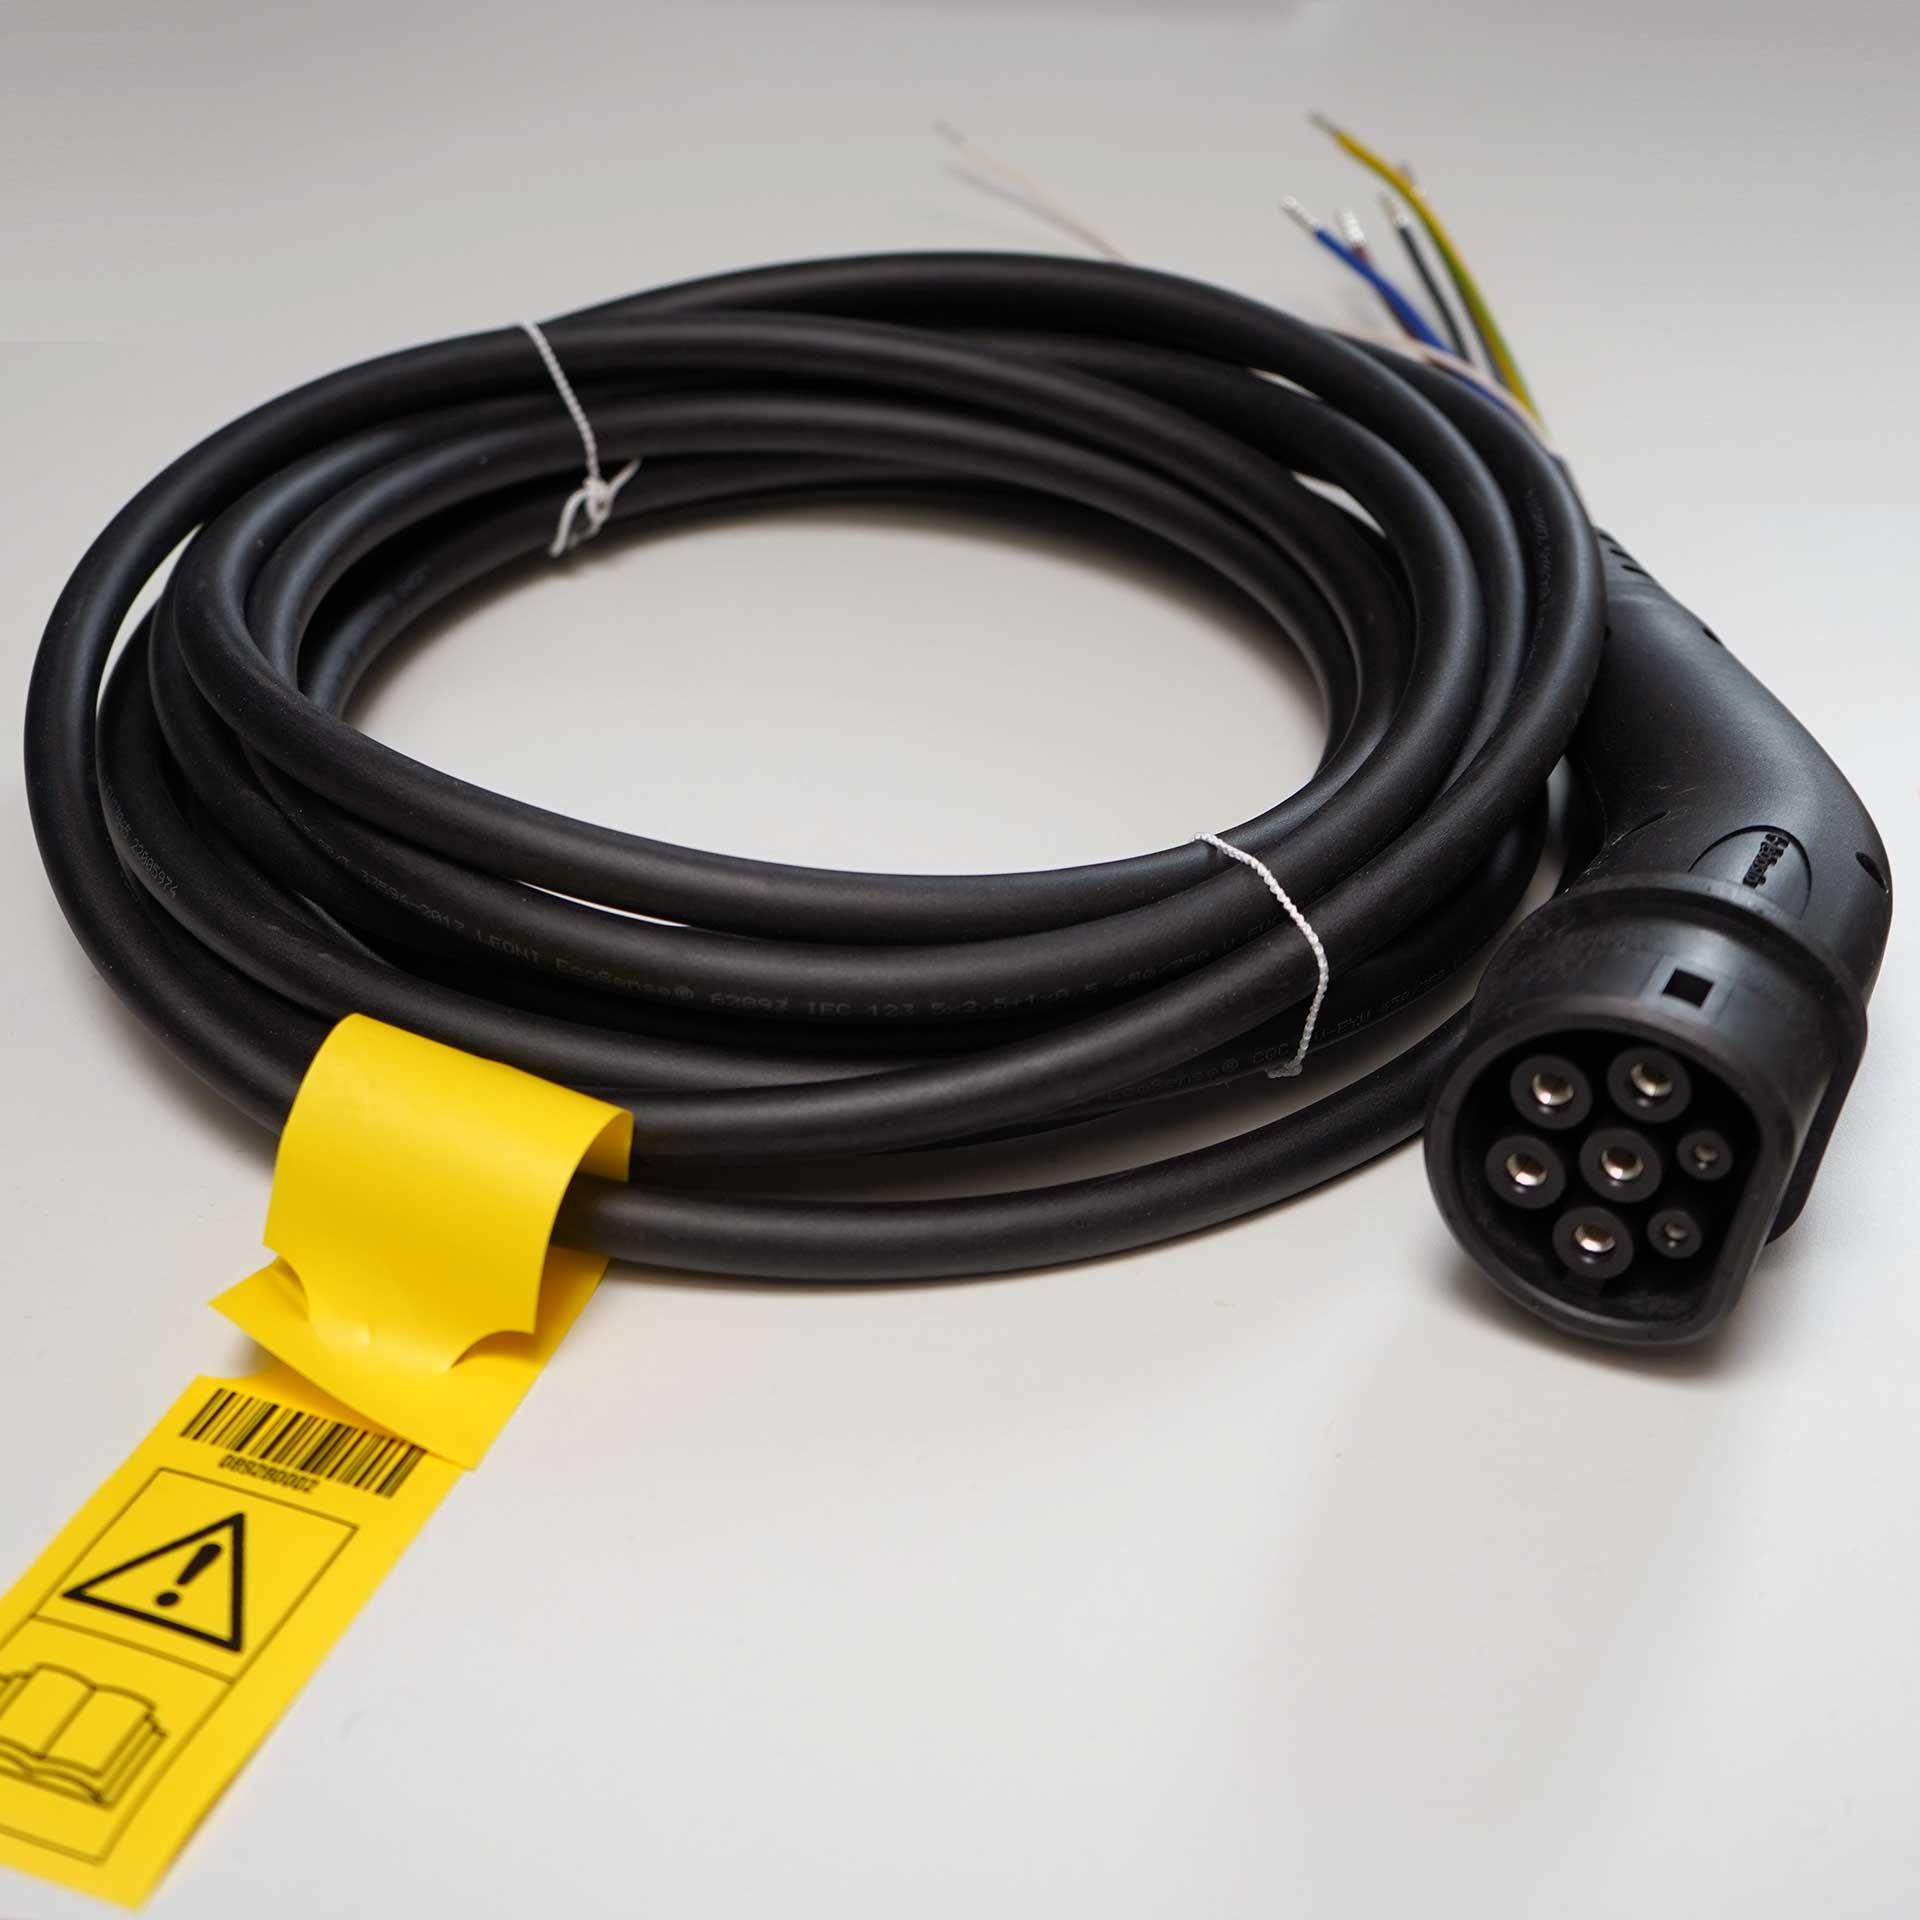 Webasto Ladekabel Live Pure 7 Meter bis zu 11 kW